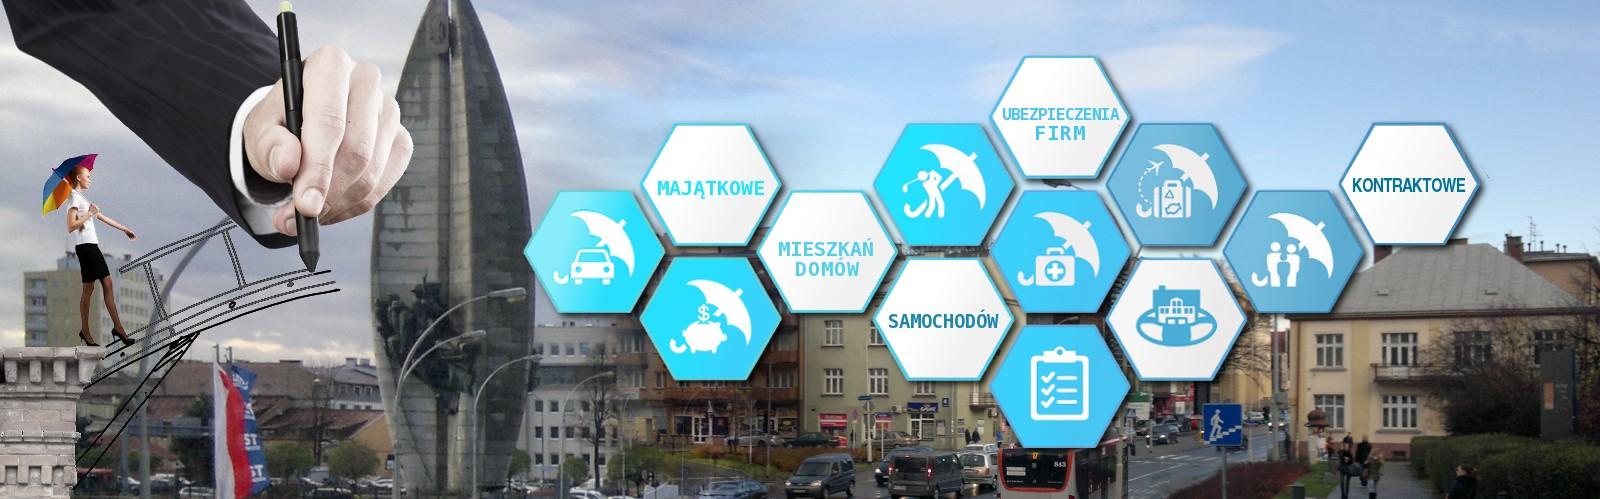 Biuro Ubezpieczeń Jan Majnusz Rzeszów - Ubezpieczenia majątkowe, kontraktowe i komunikacyjne